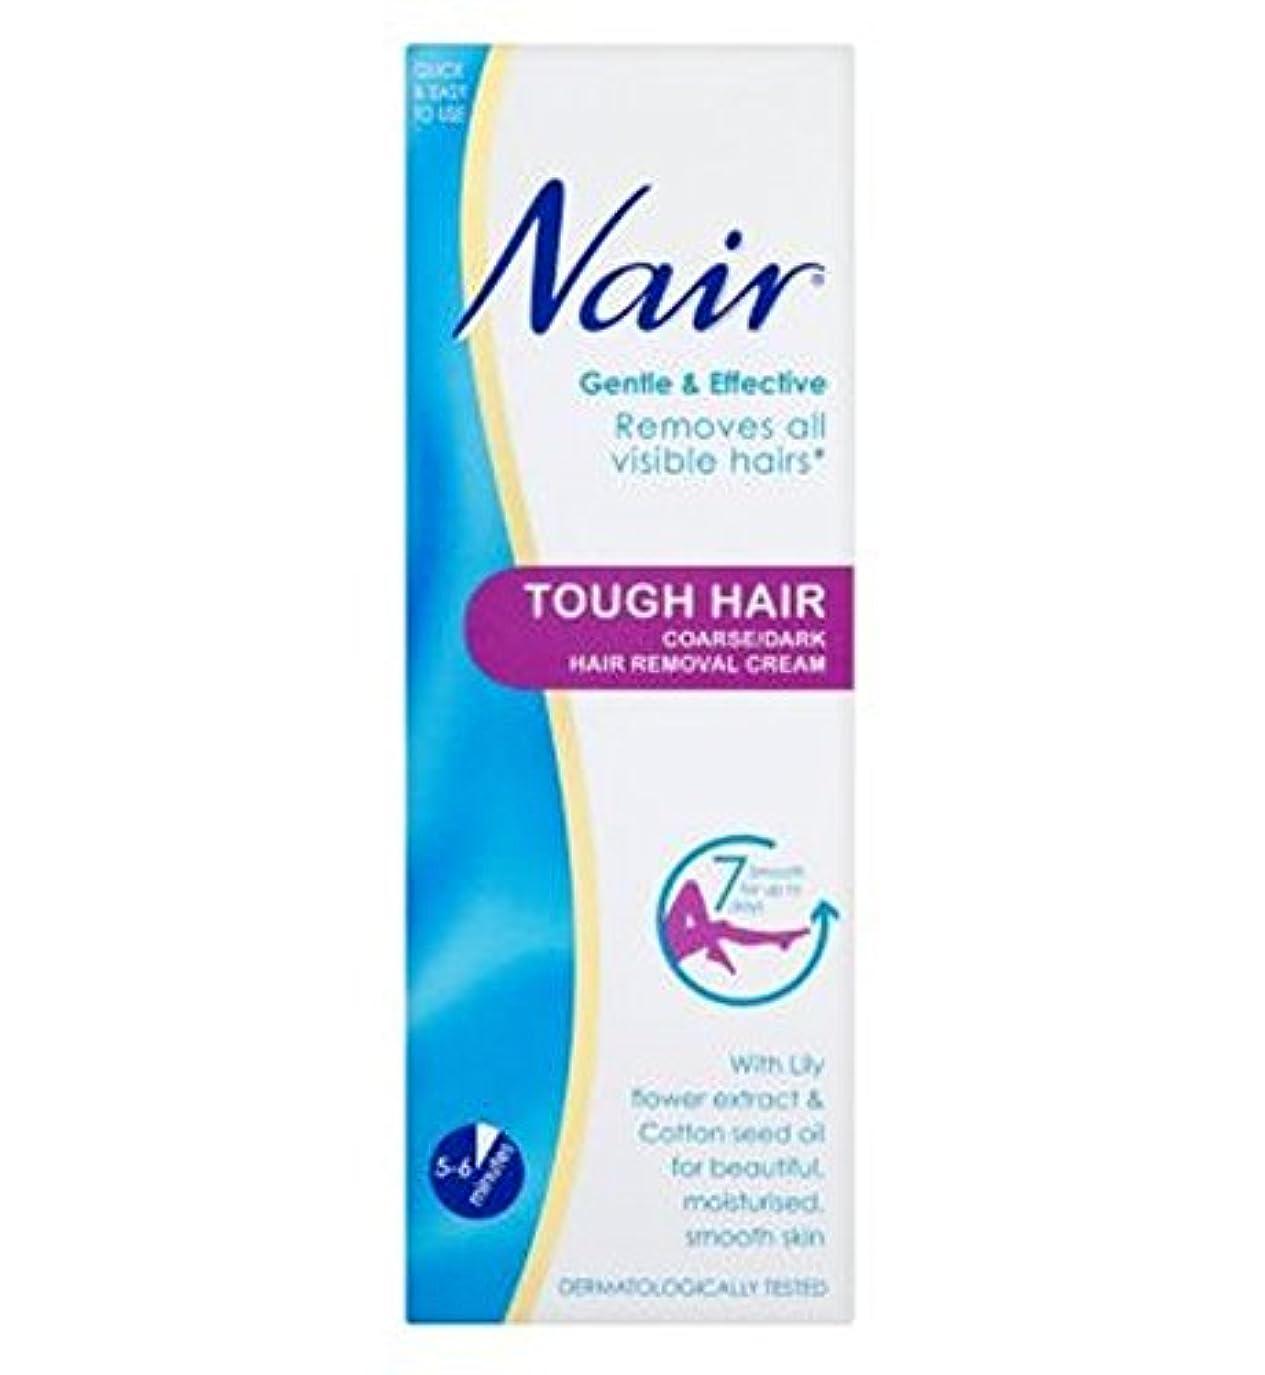 不機嫌そうな避けられないキャメルNair Tough Hair Hair Removal Cream 200ml - ナイールタフな毛脱毛クリーム200ミリリットル (Nair) [並行輸入品]